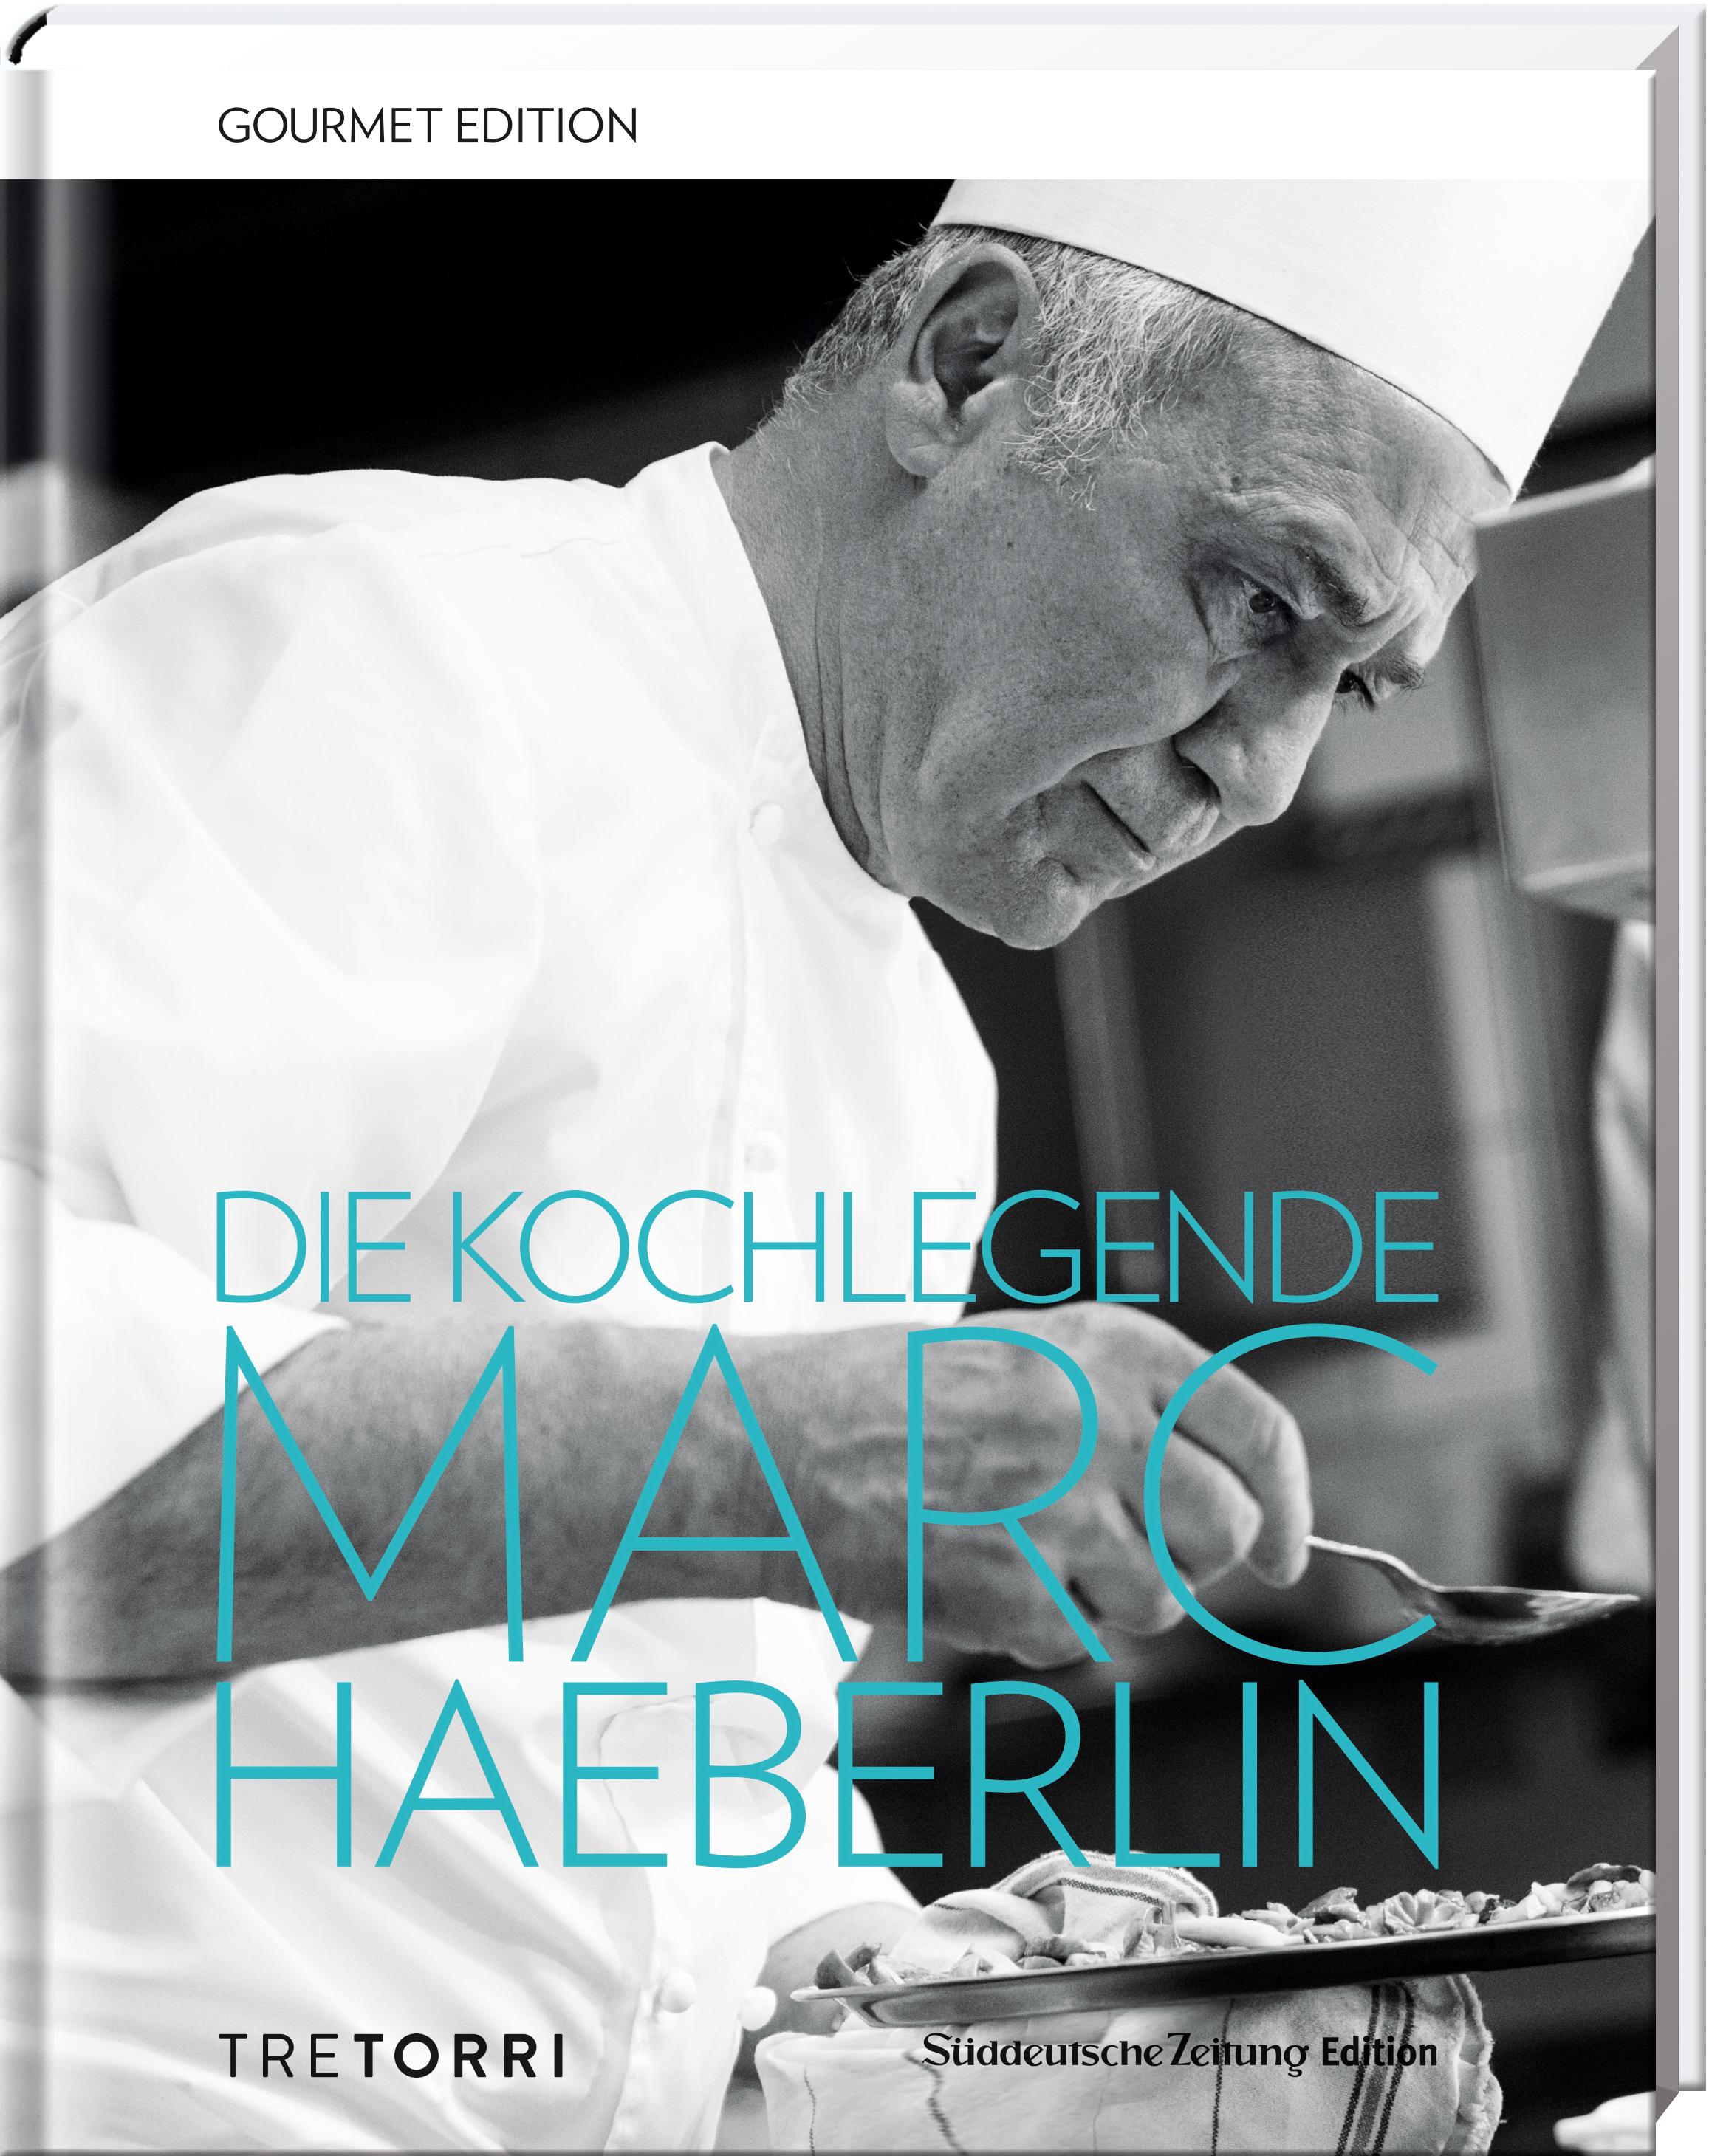 Die Kochlegende Marc Haeberlin, SZ Gourmet Edition, Tre Torri Verlag / Süddeutsche Zeitung Edition, Becker-PR, Verlags-PR